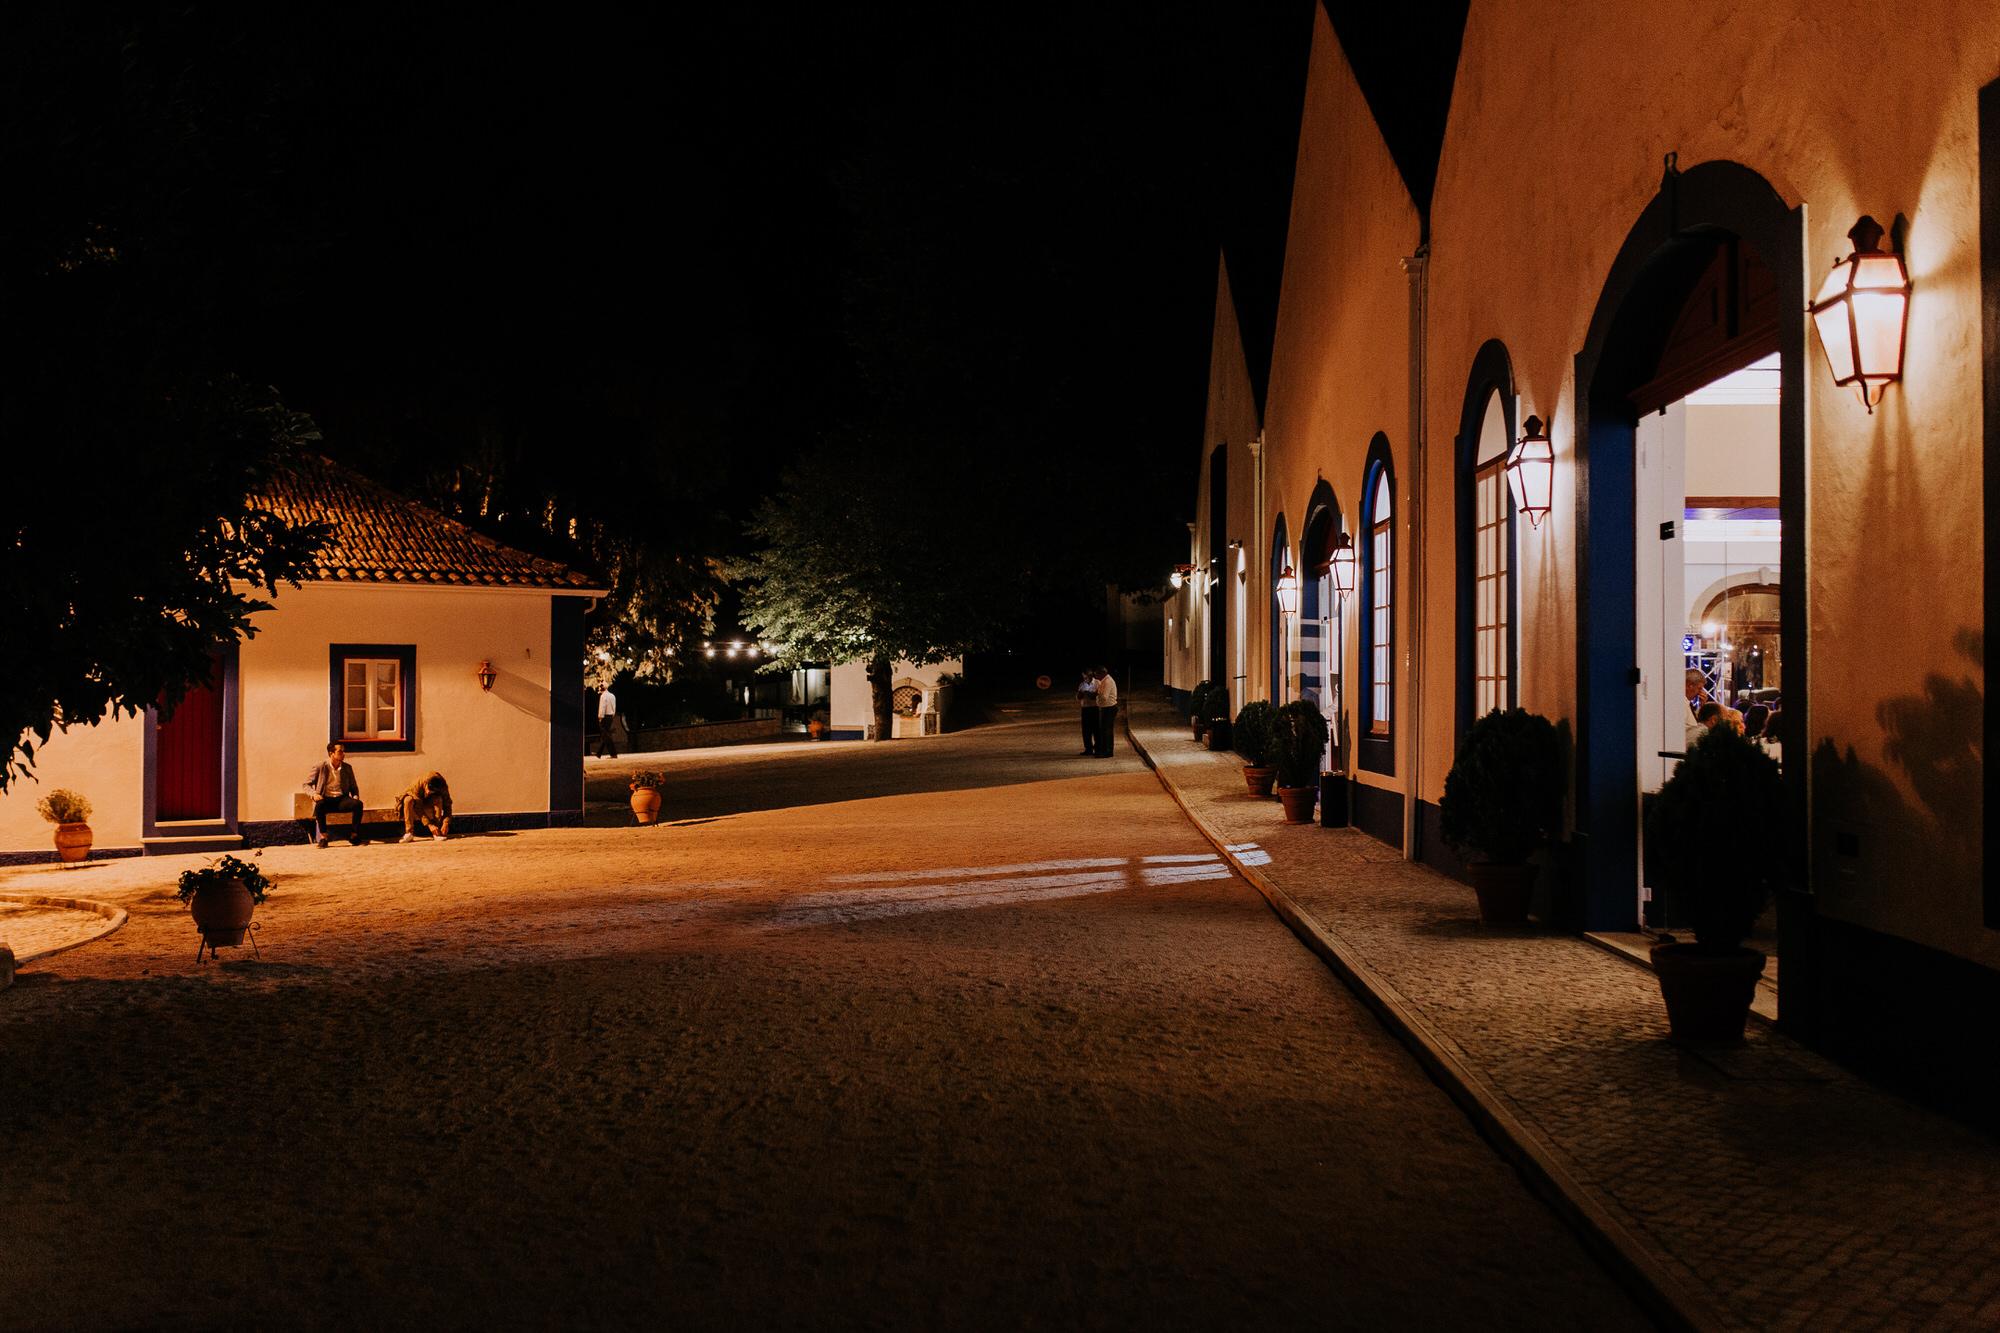 62 filipe_santiago_fotografia_casamento_decoracao_rustico_alenquer_inspiracao_quinta-da-bichinha_sao_goncalo_melhores_quintas_lisboa_distrito_fotografos_fotografia_natural_tendencias_flores-noite decor venue portugal best